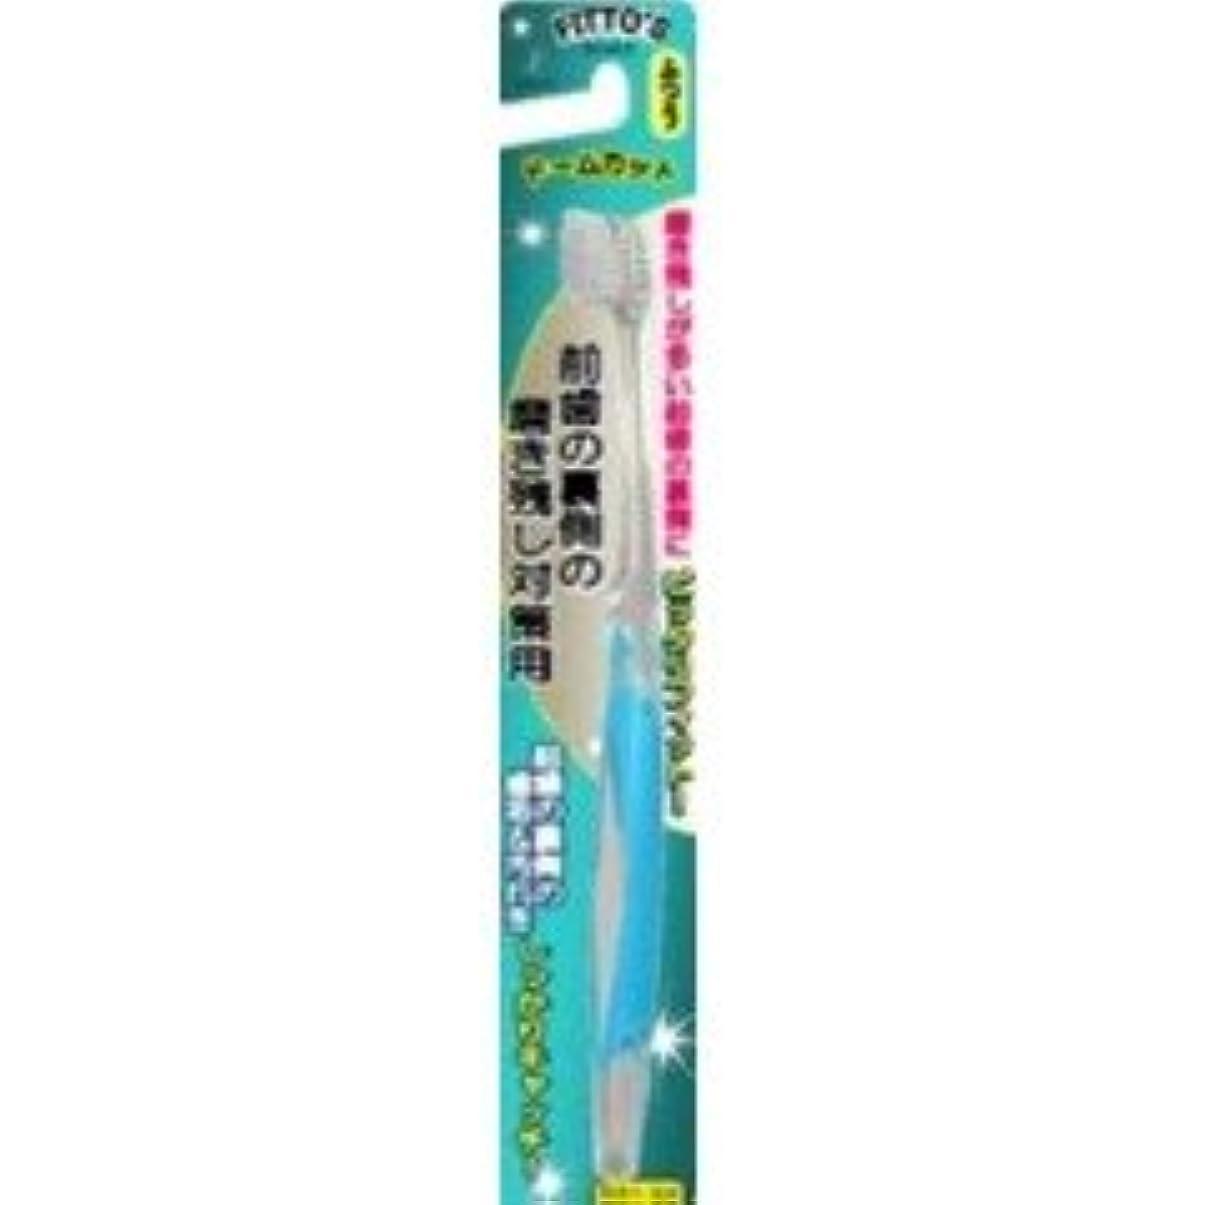 対話マナーコカイン前歯の裏側の磨き残し対策用歯ブラシ フィットス ふつう×3個